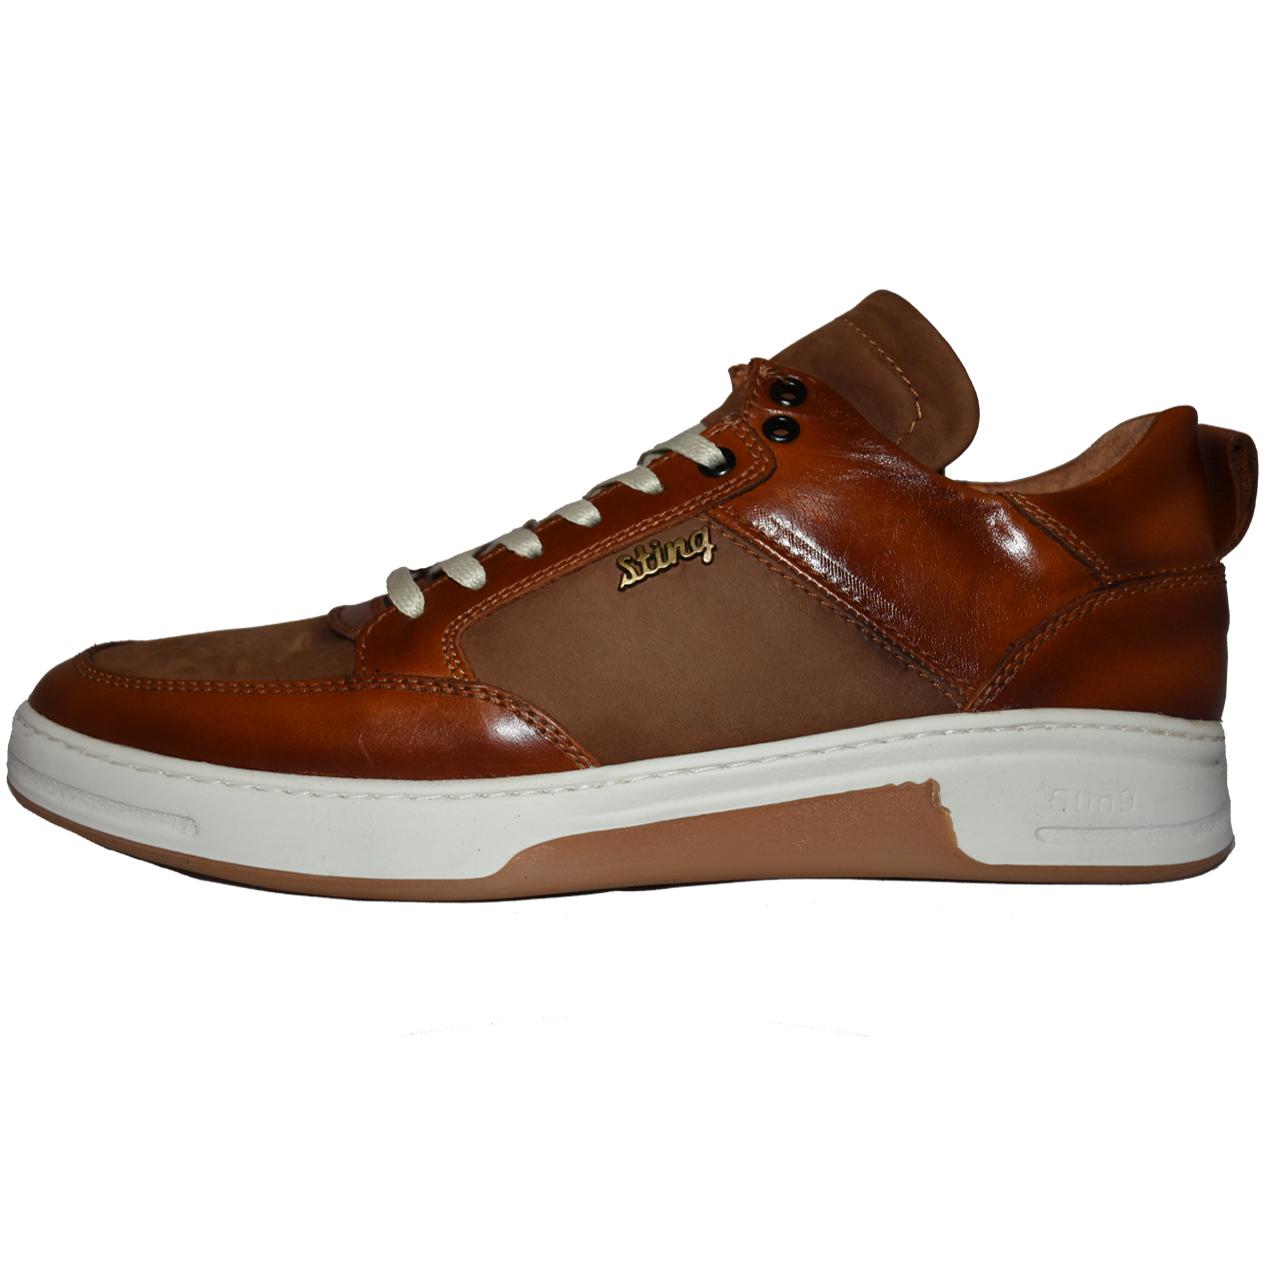 کفش مردانه استینگ کد 000354